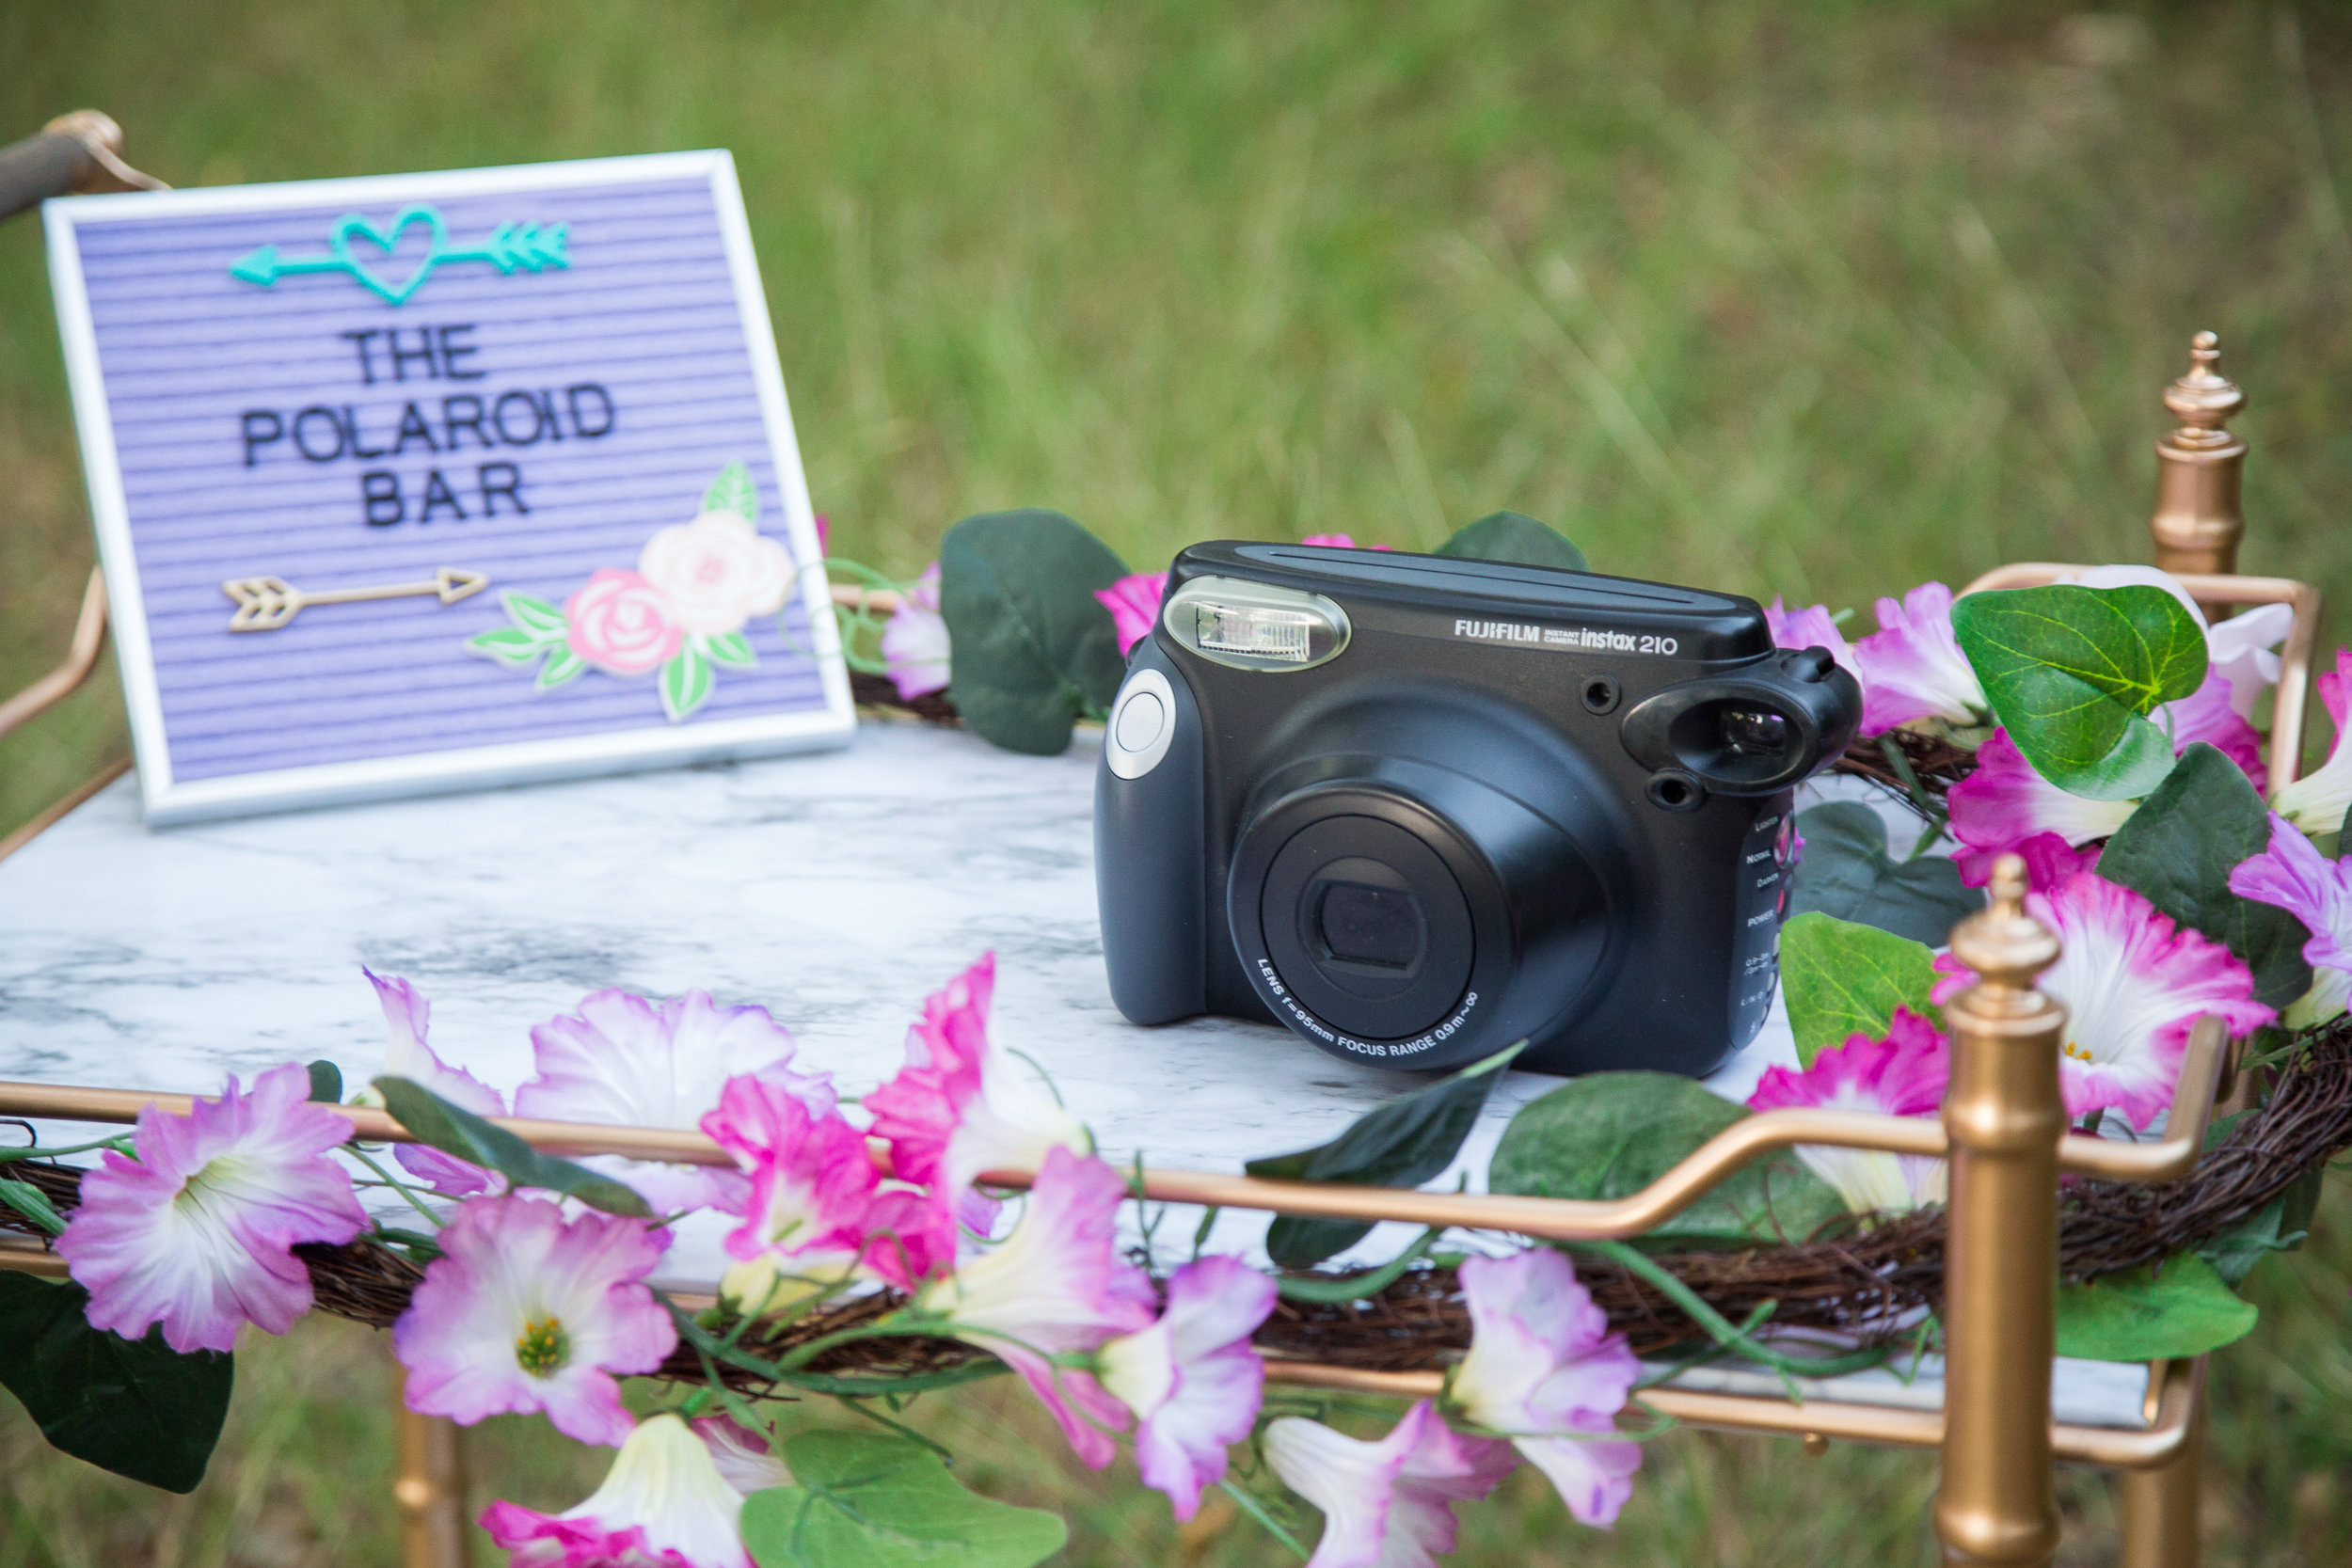 PolaroidBar-3-6.jpg